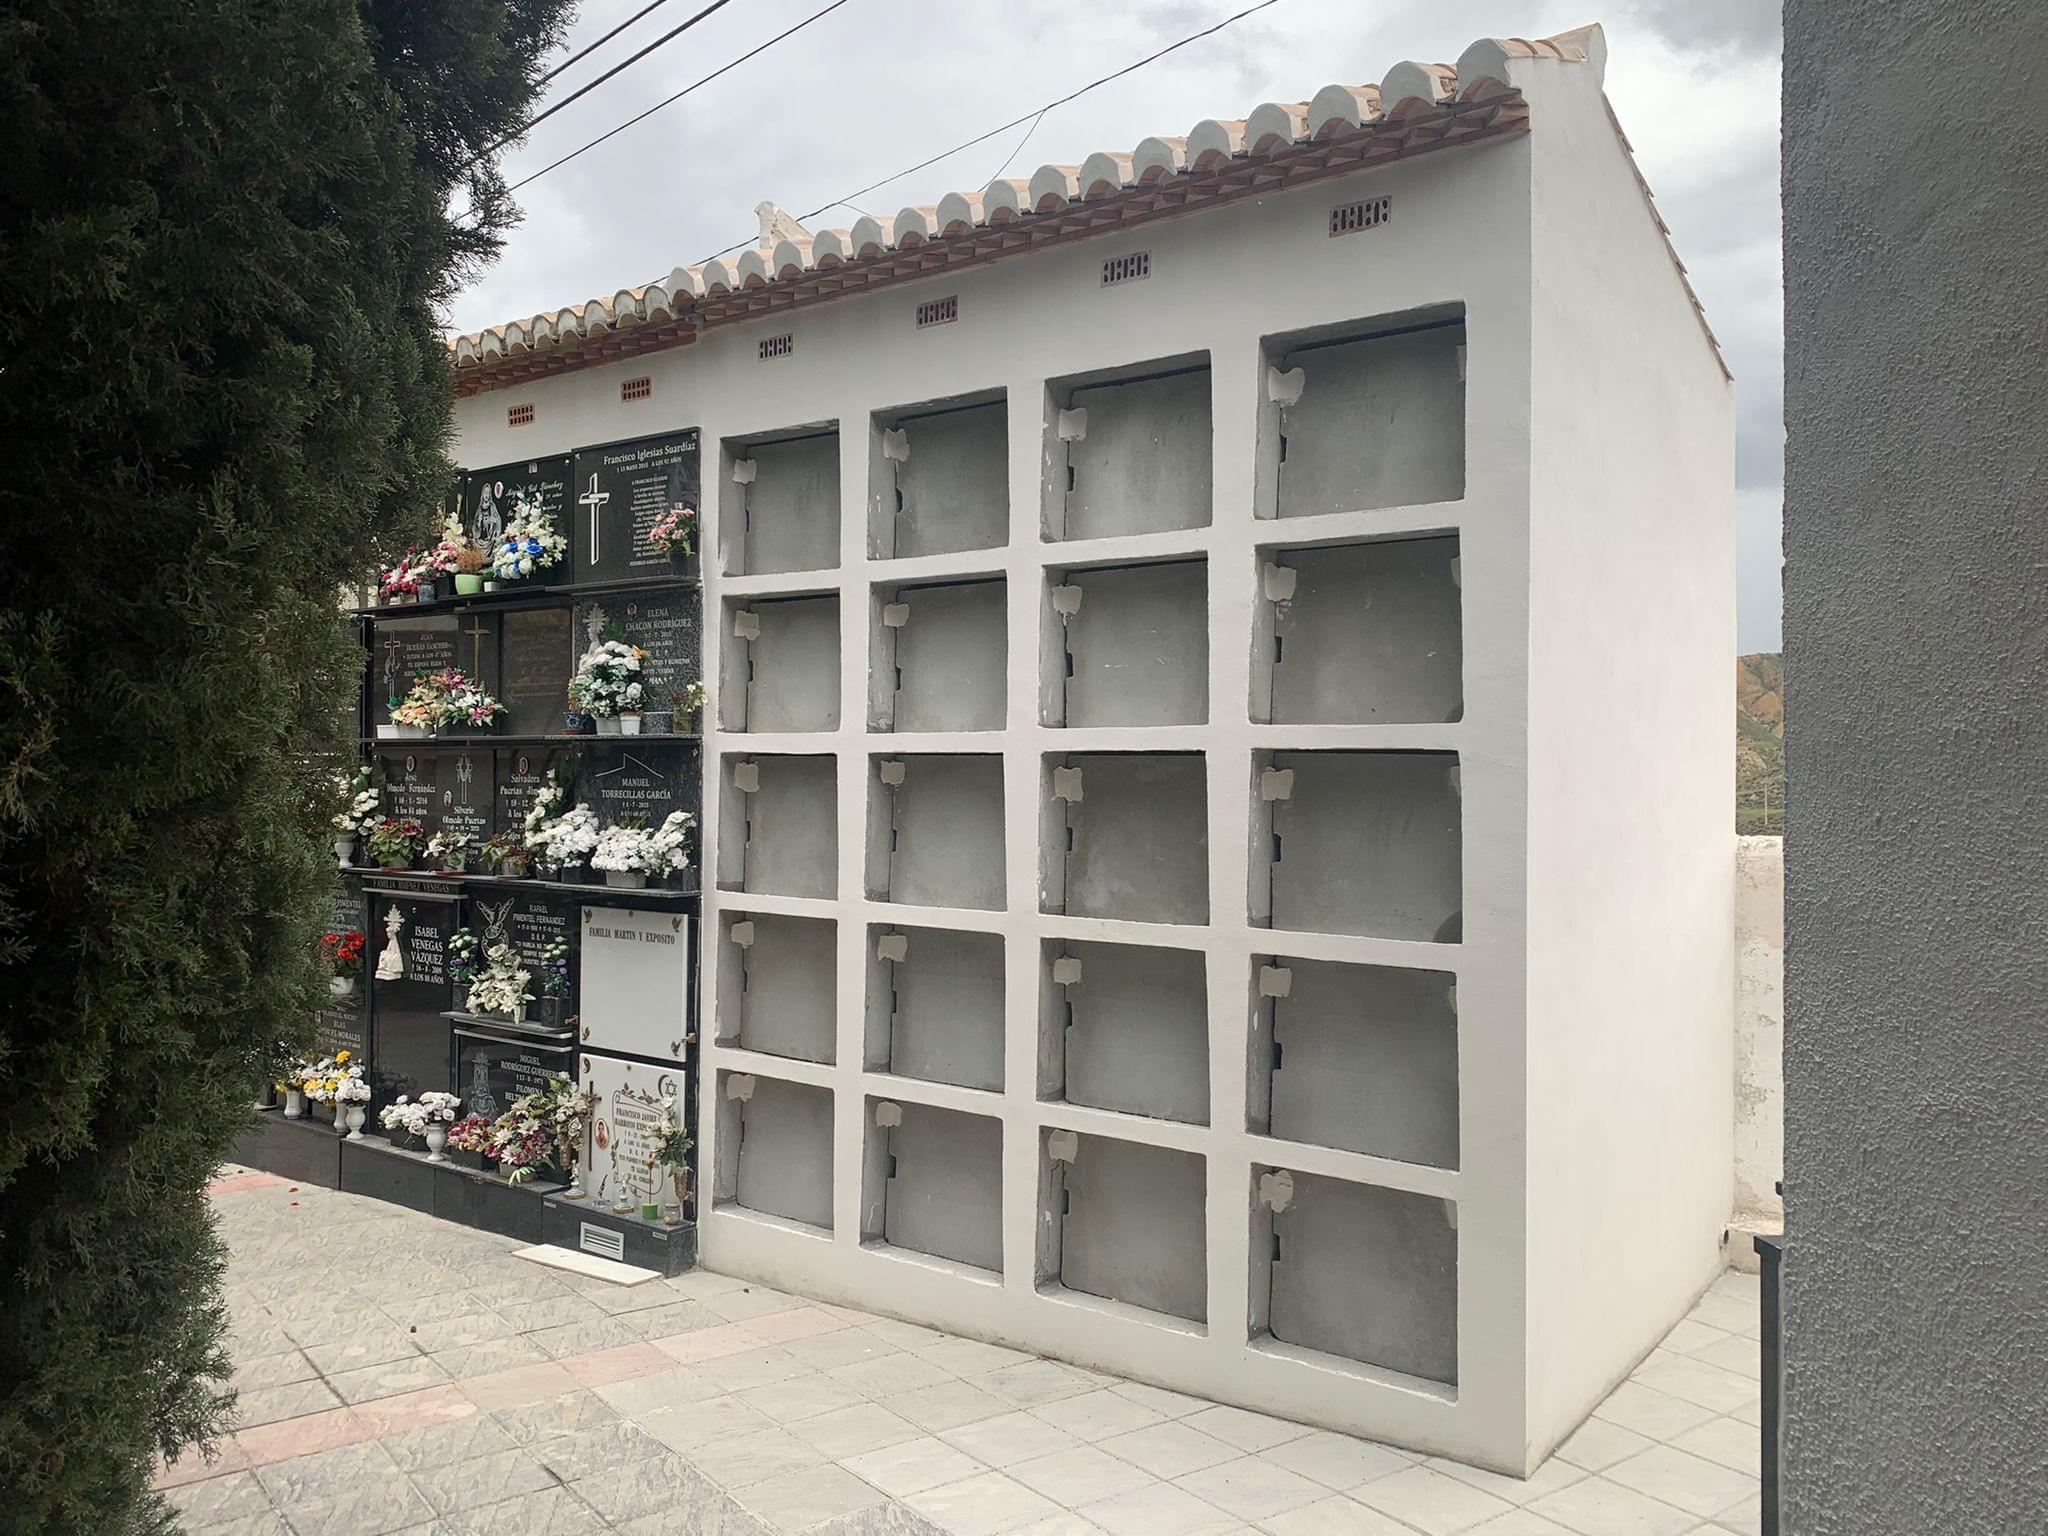 Monachil amplía su cementerio municipal con 20 nuevos nichos